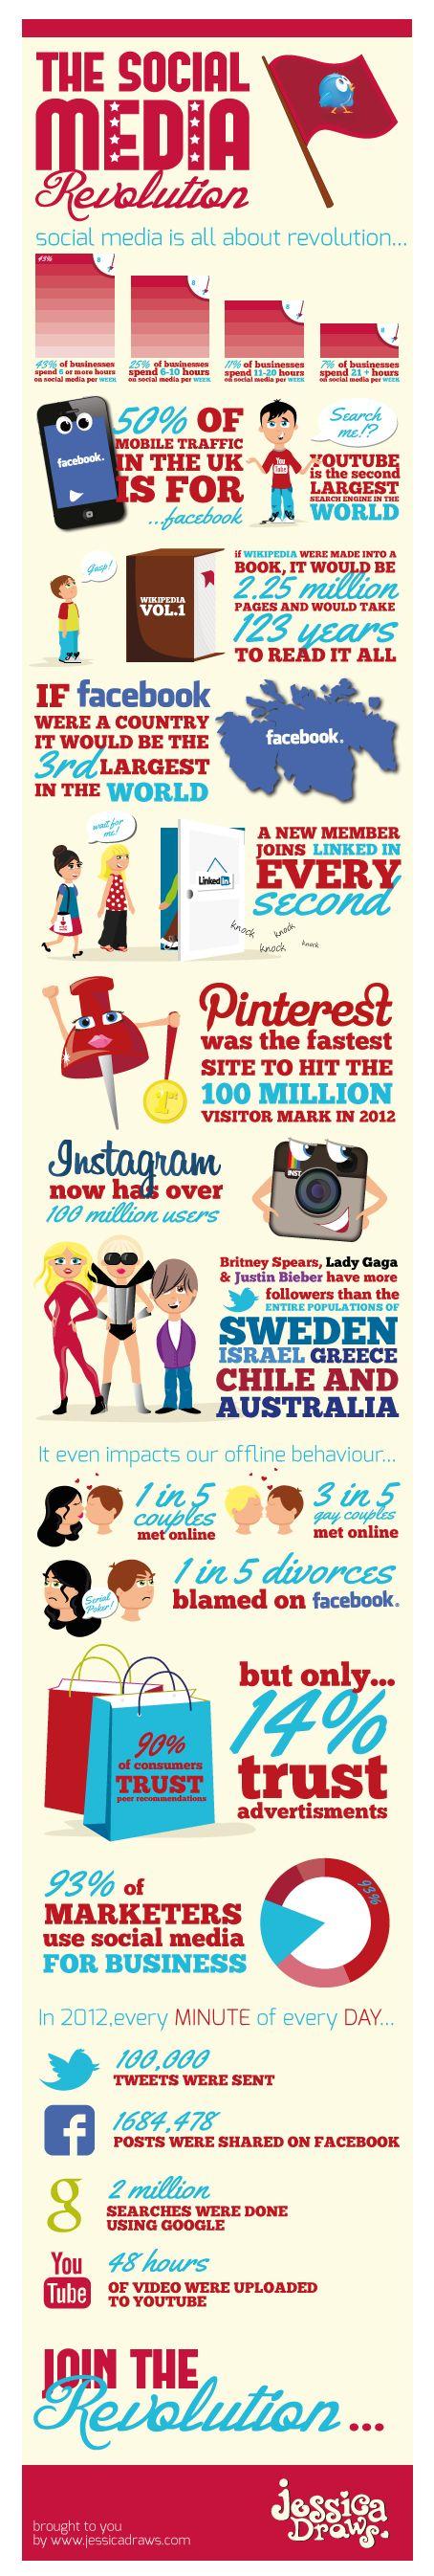 The Social Media Revolution